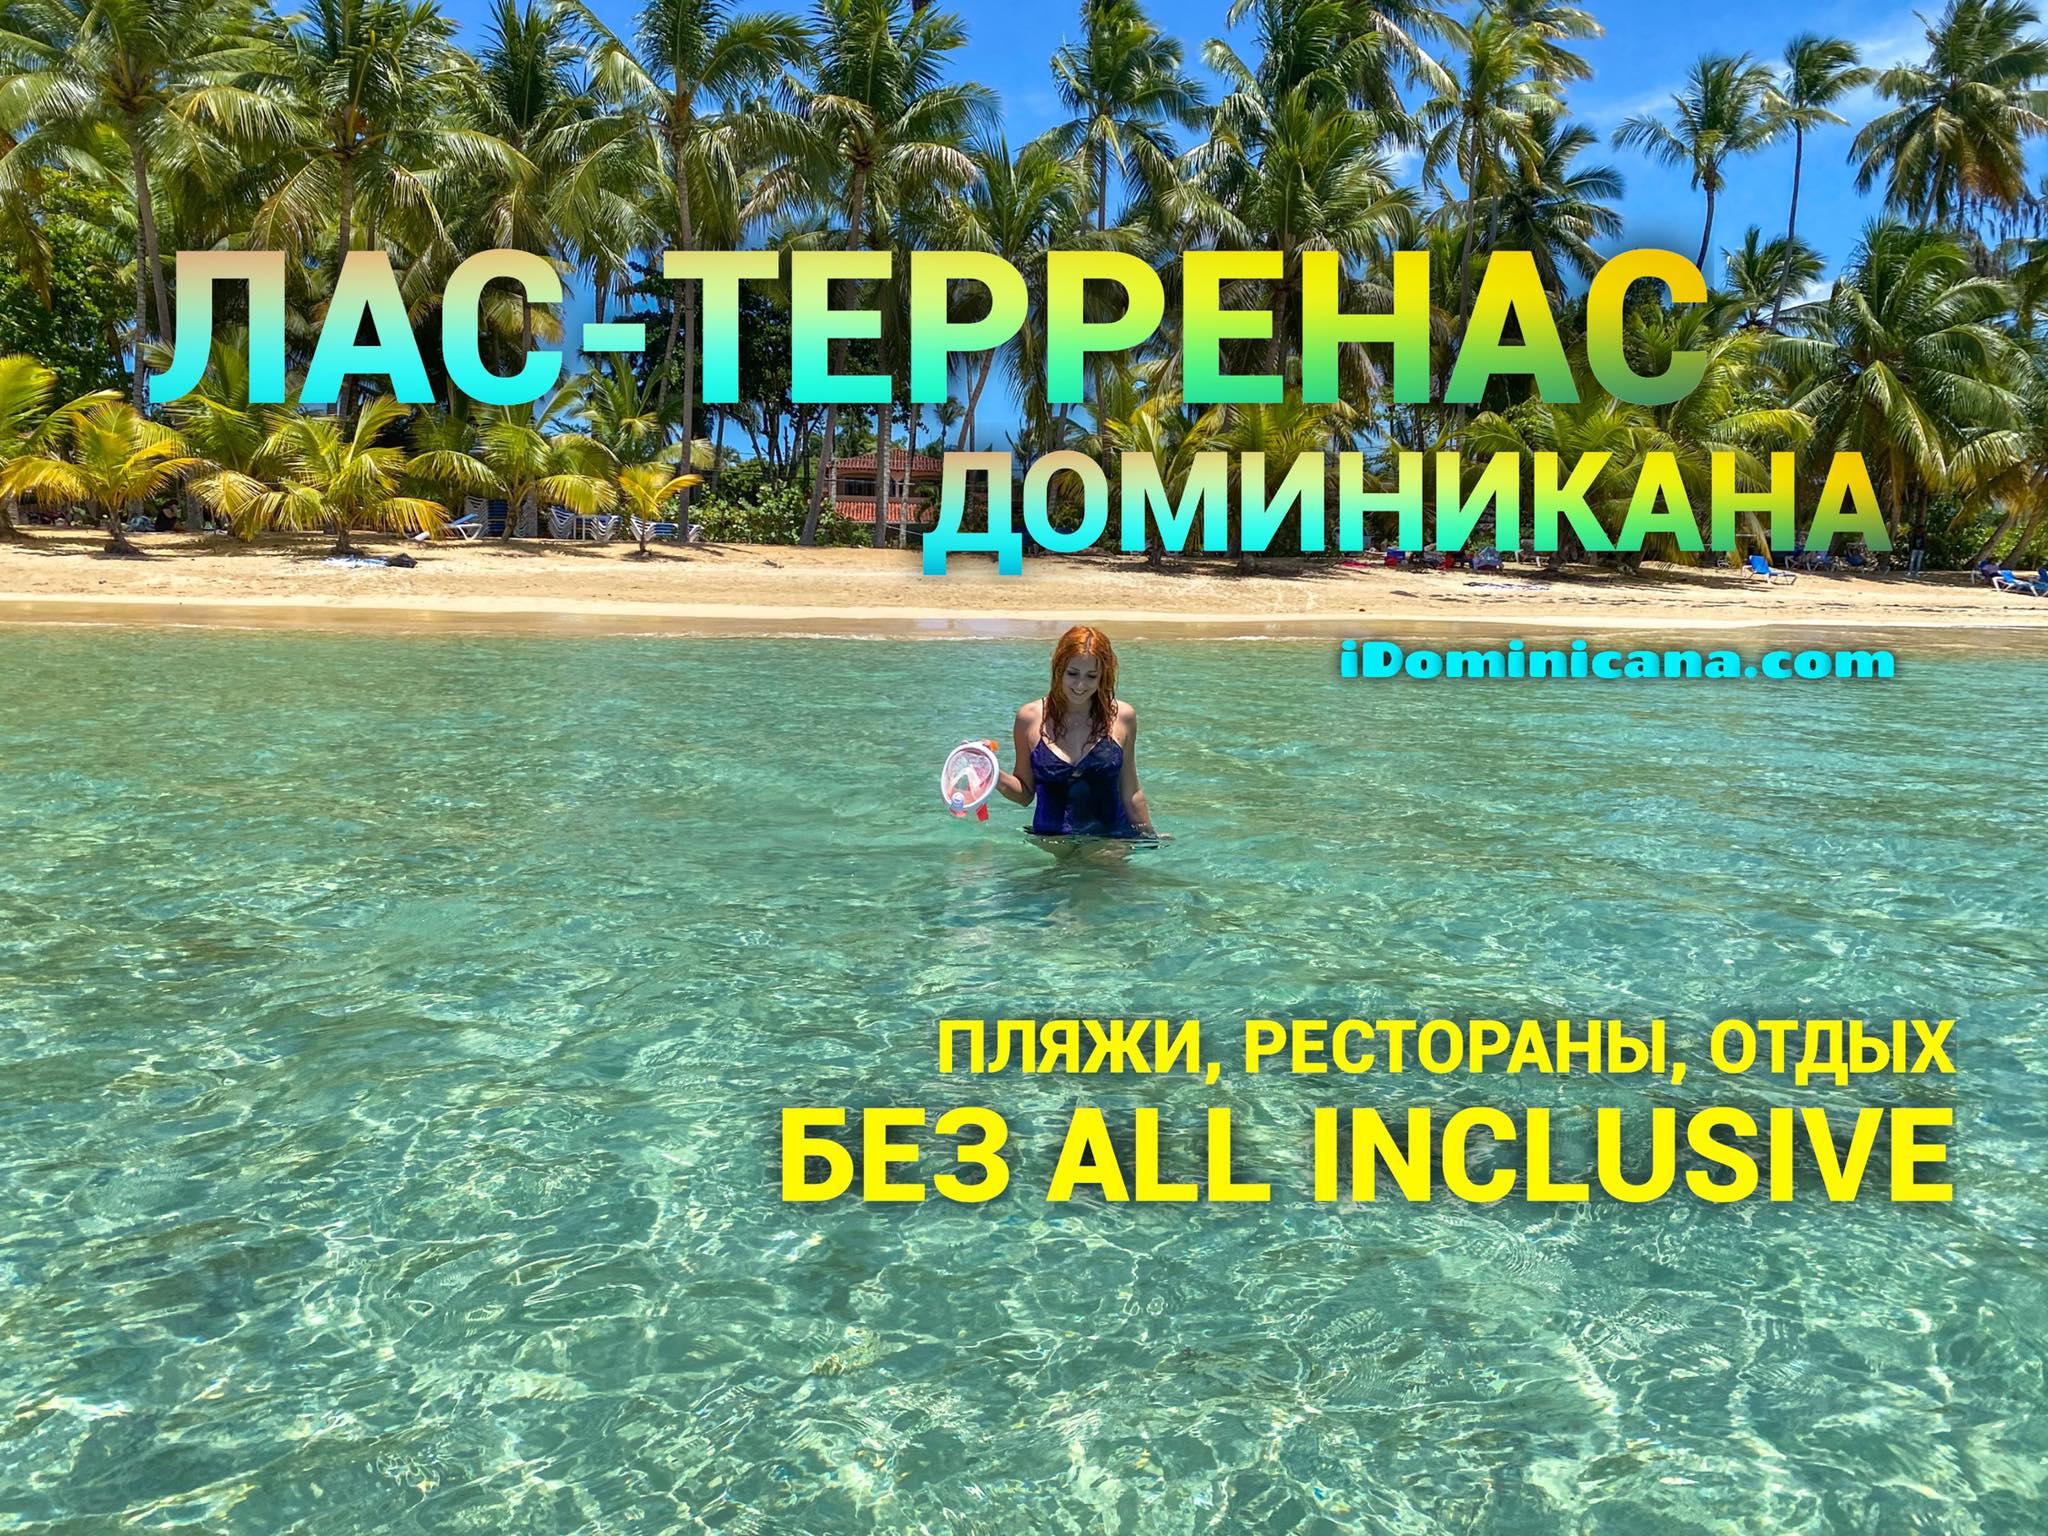 Лас-Терренас (Доминикана): пляжи, рестораны, отдых БЕЗ all inc - ВИДЕО